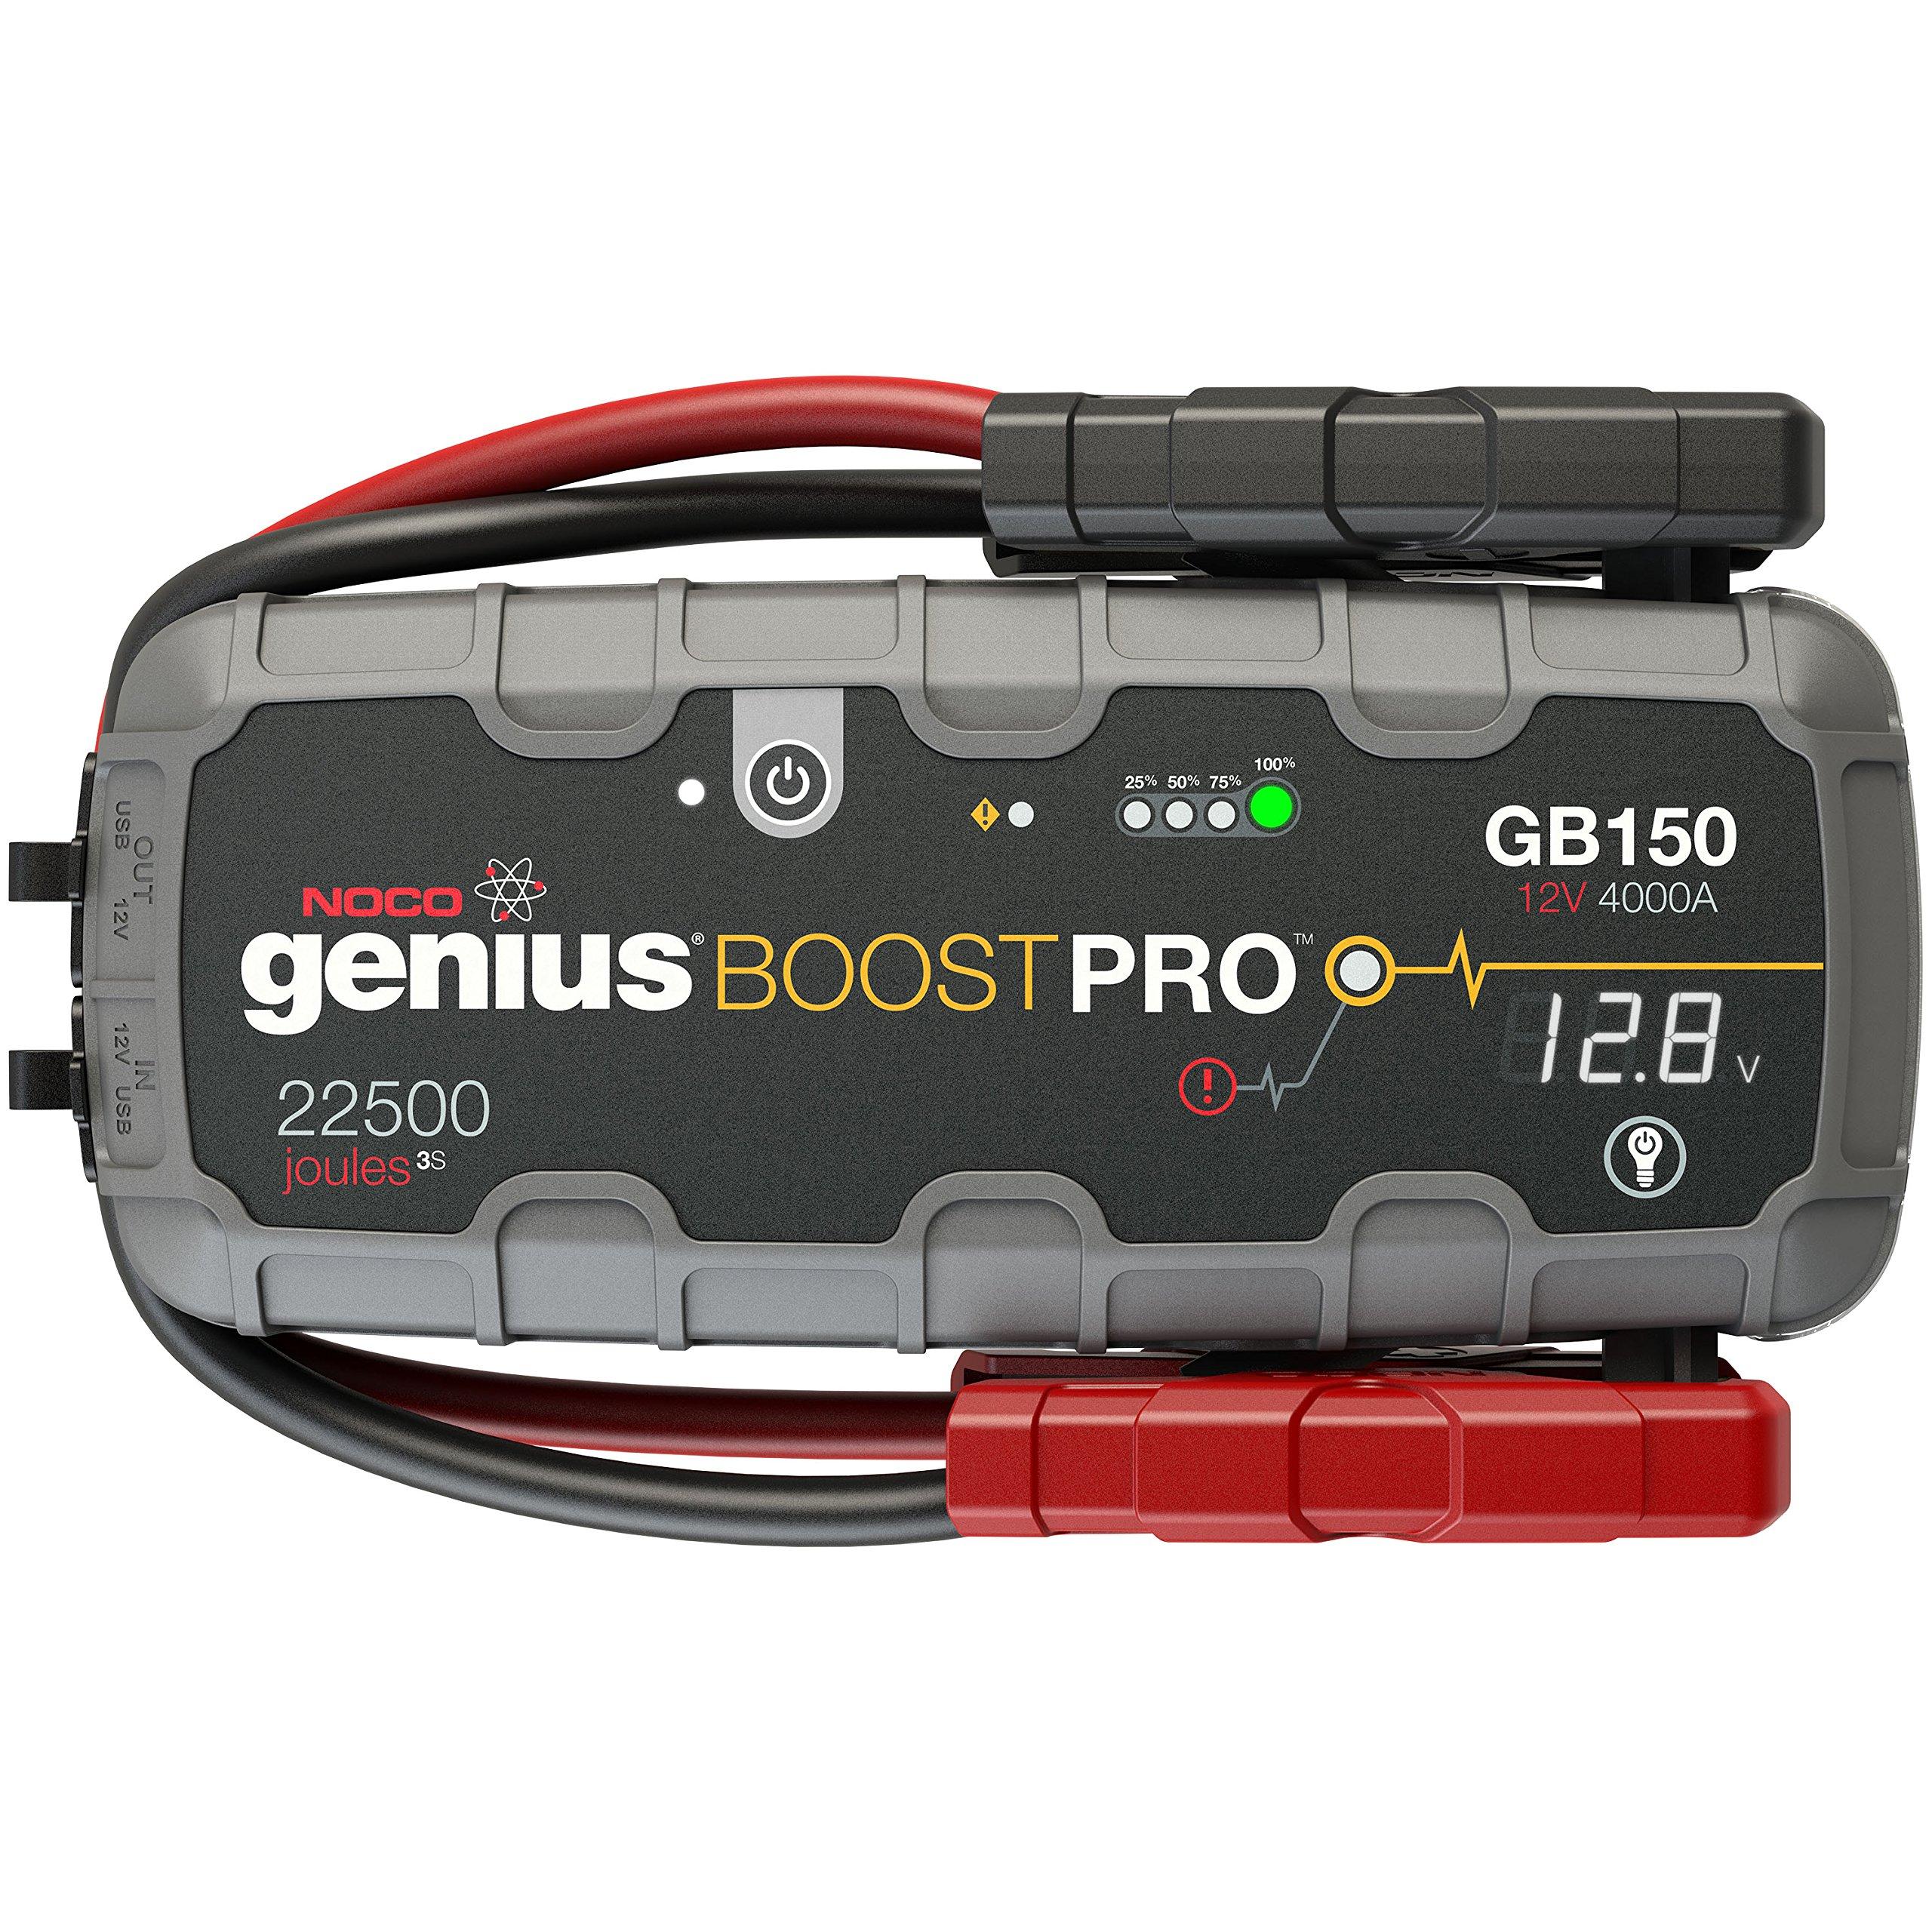 NOCO Genius Boost Pro GB150 4000A 23000mAh Jump Starter Diesel(10L)